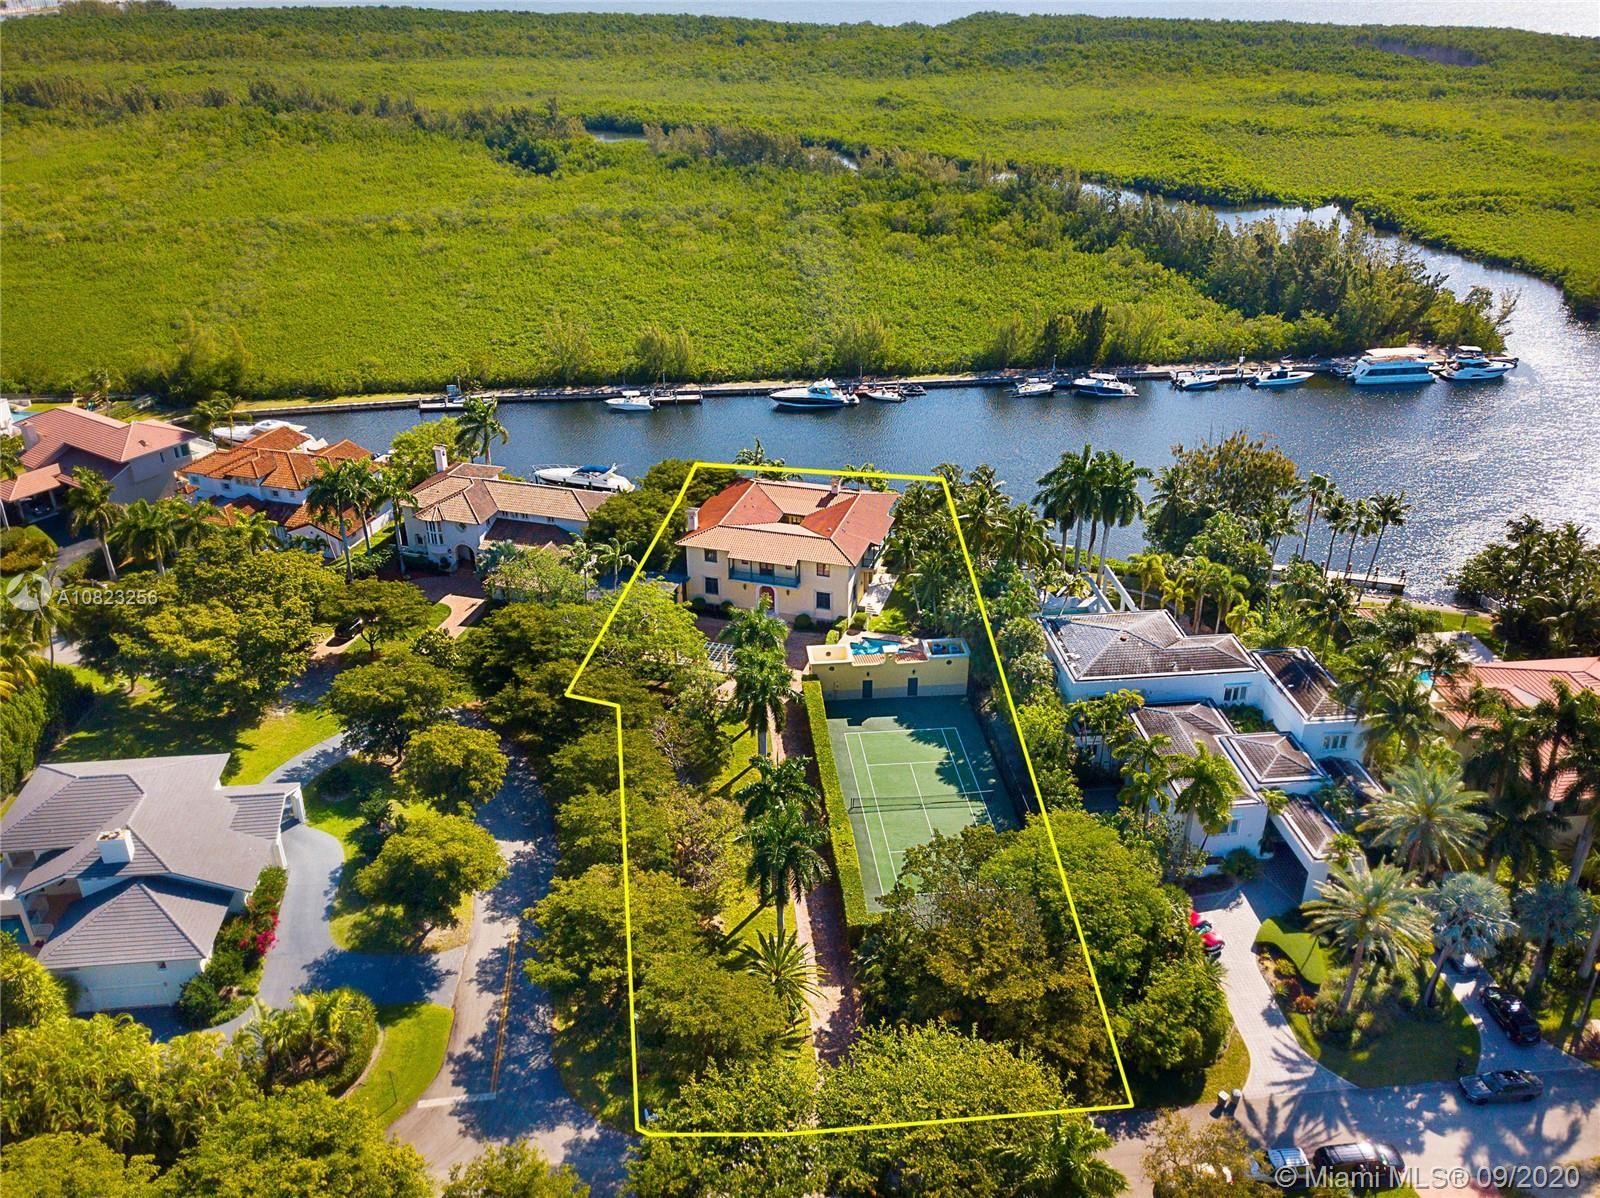 11065 Marin St, Coral Gables, FL 33156 - #: A10823256